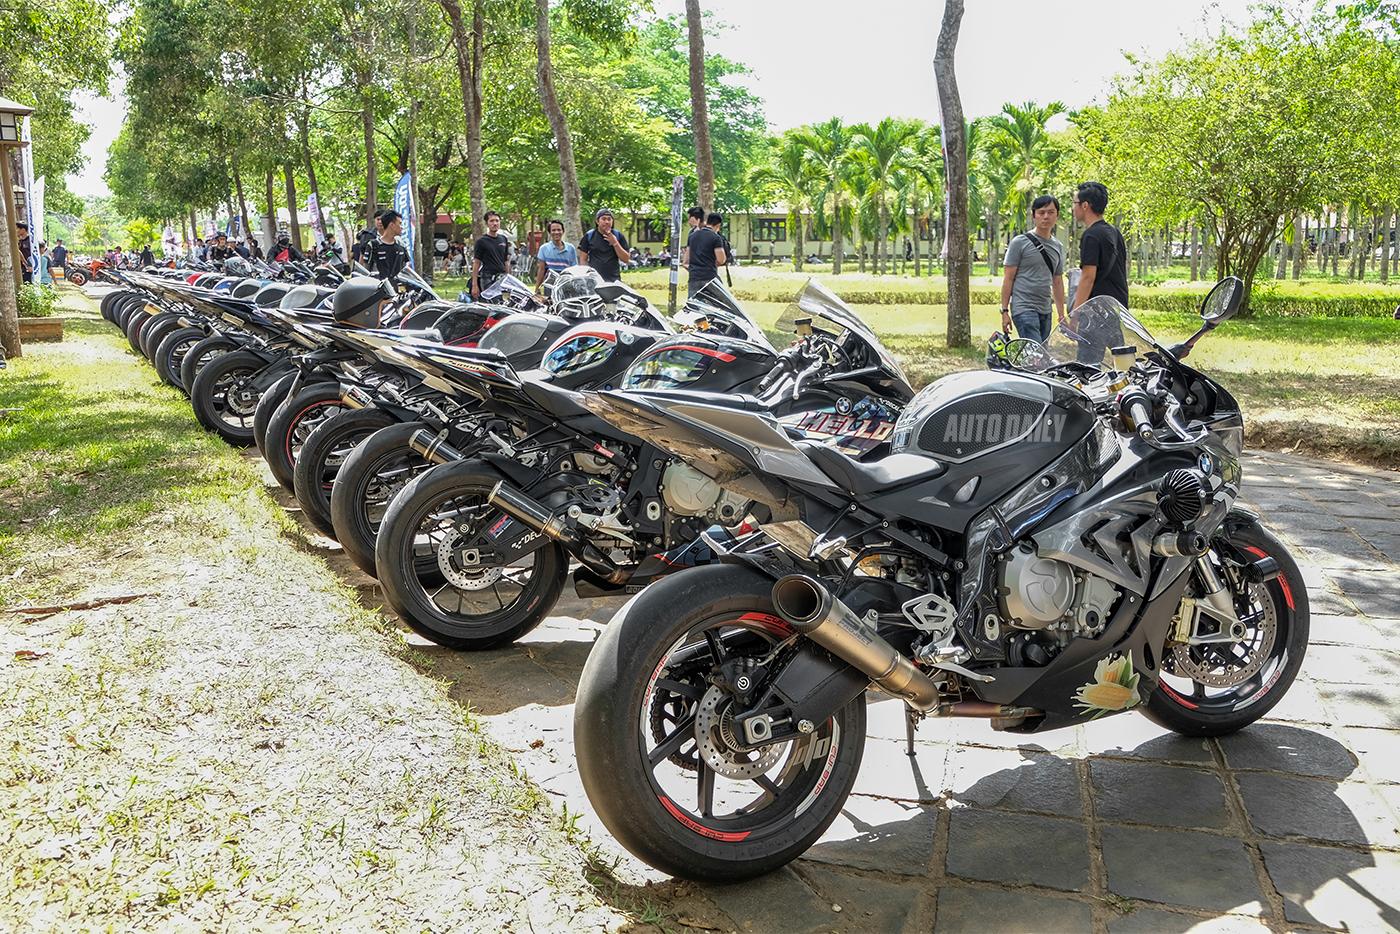 vietnam-motor-festival-2018-11.jpg